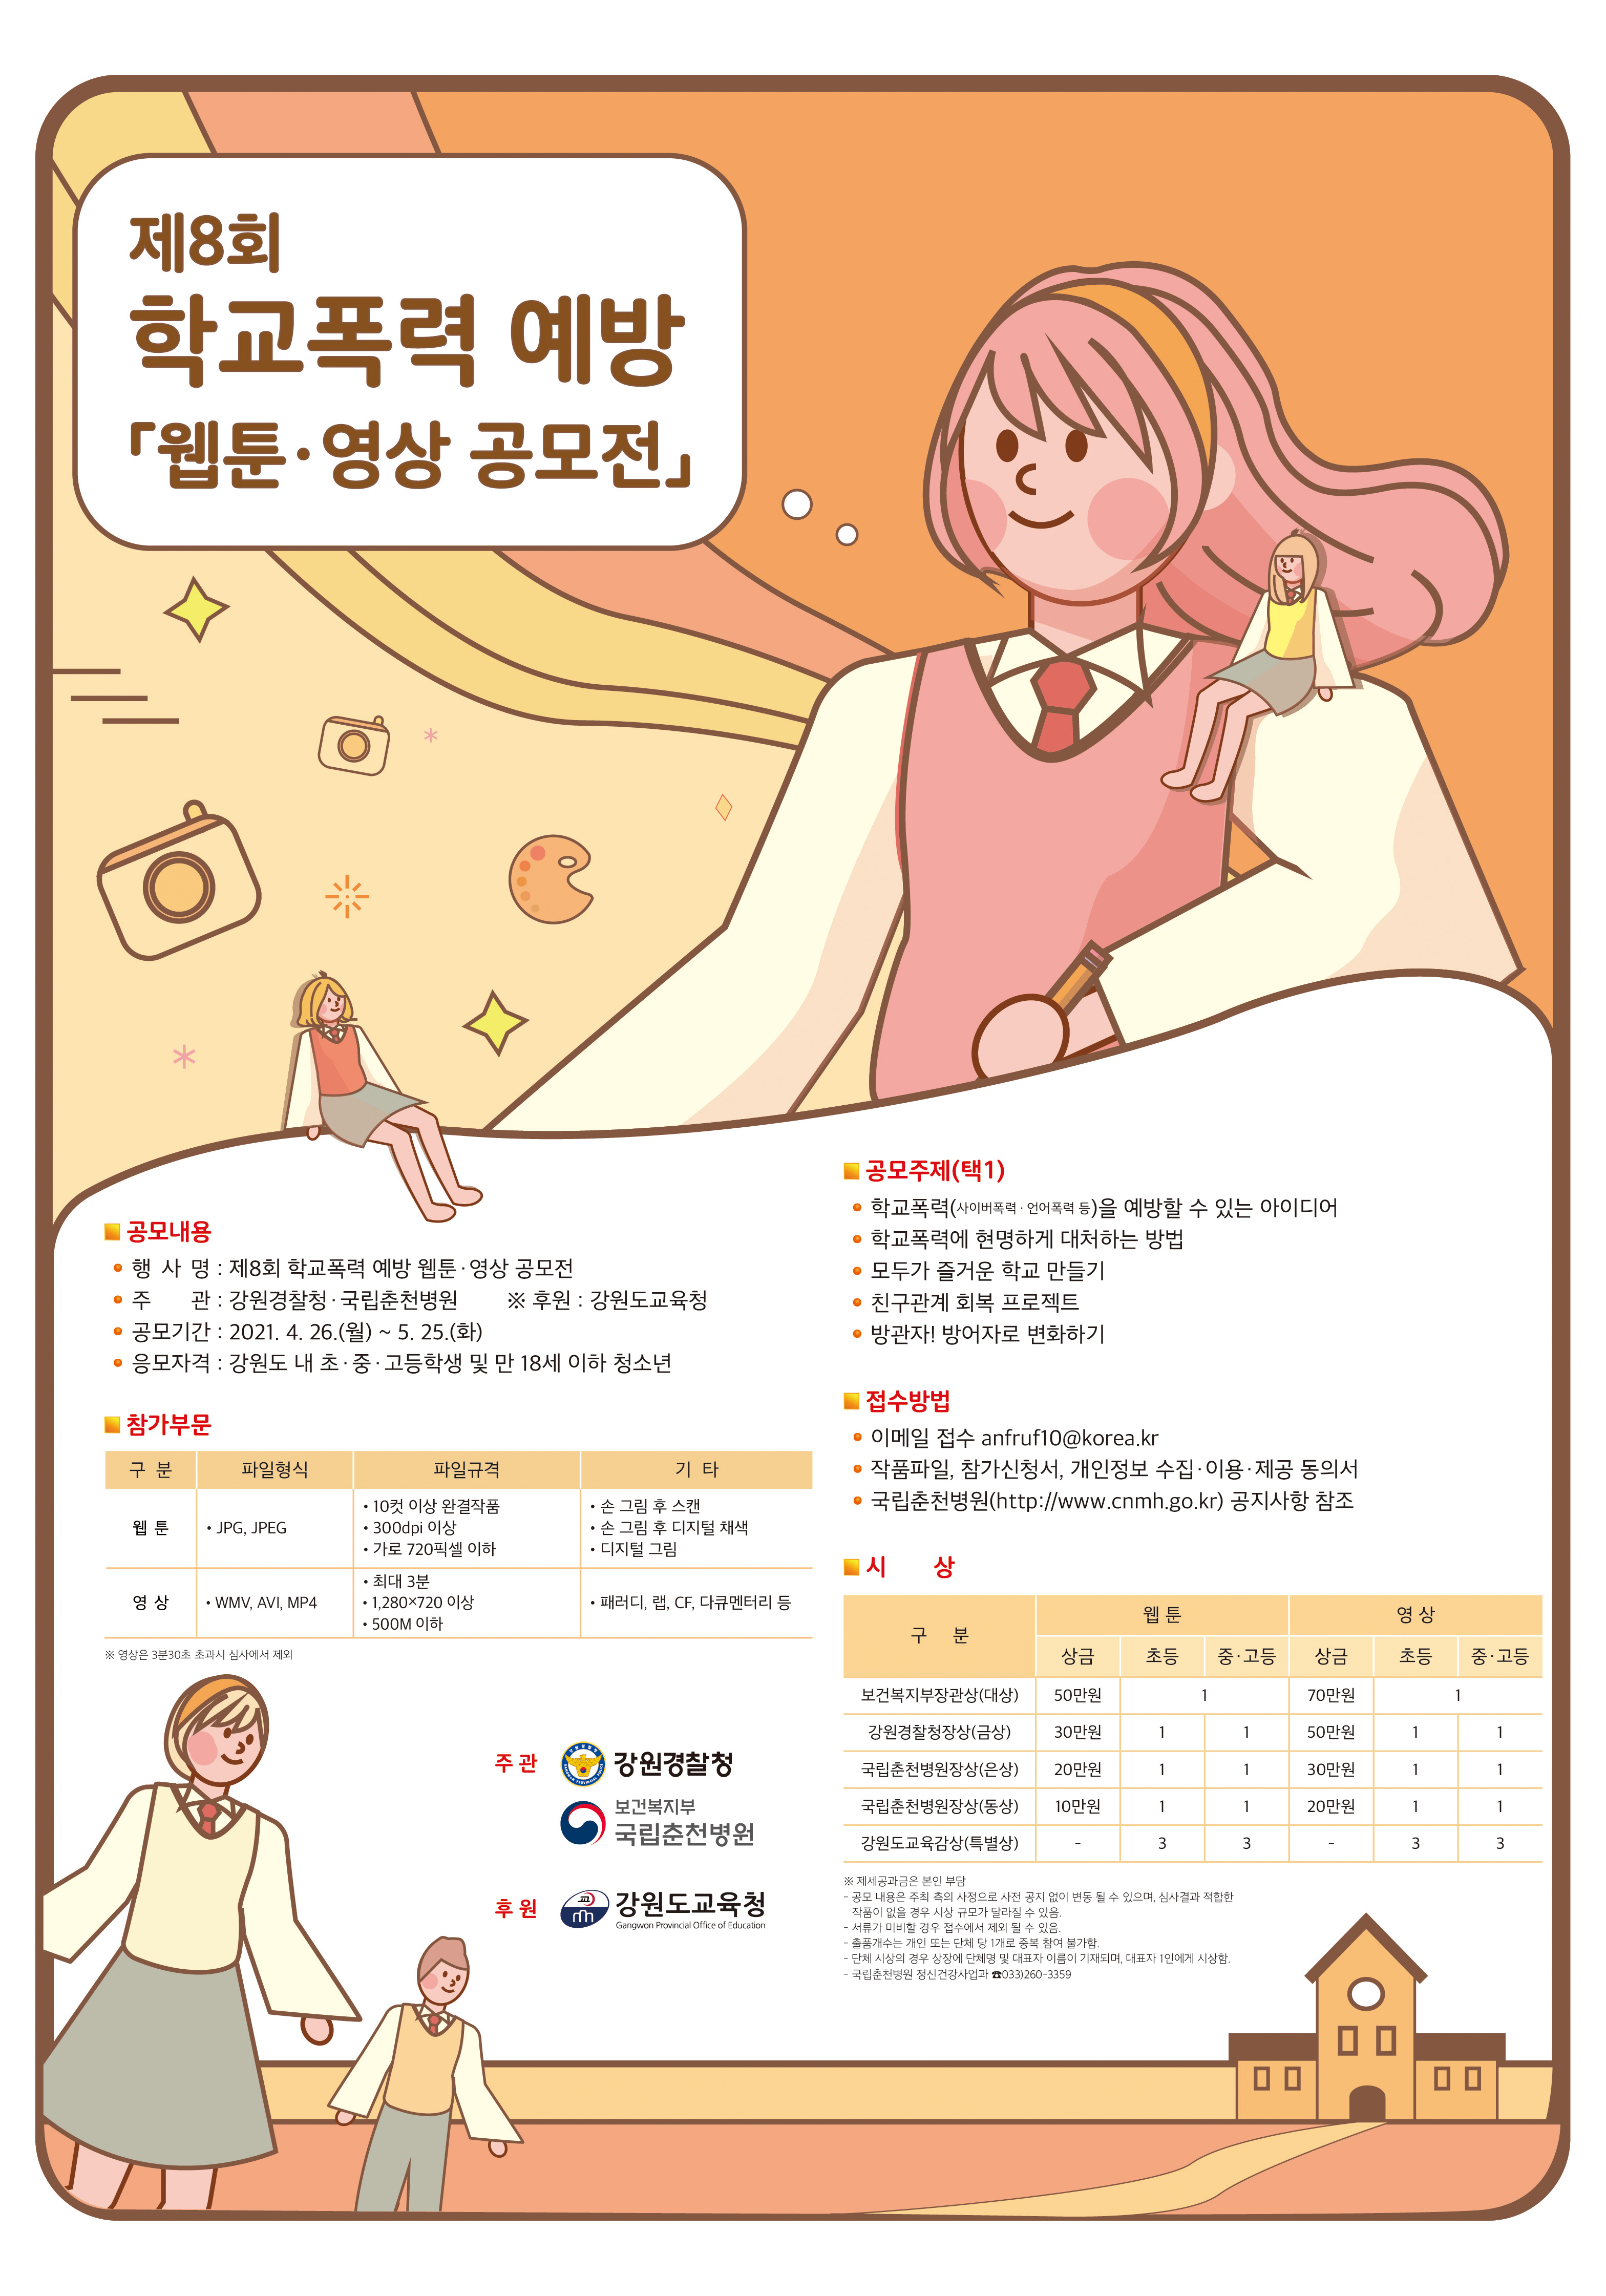 제8회+학교폭력예방+웹툰영상+공모전+포스터.jpg